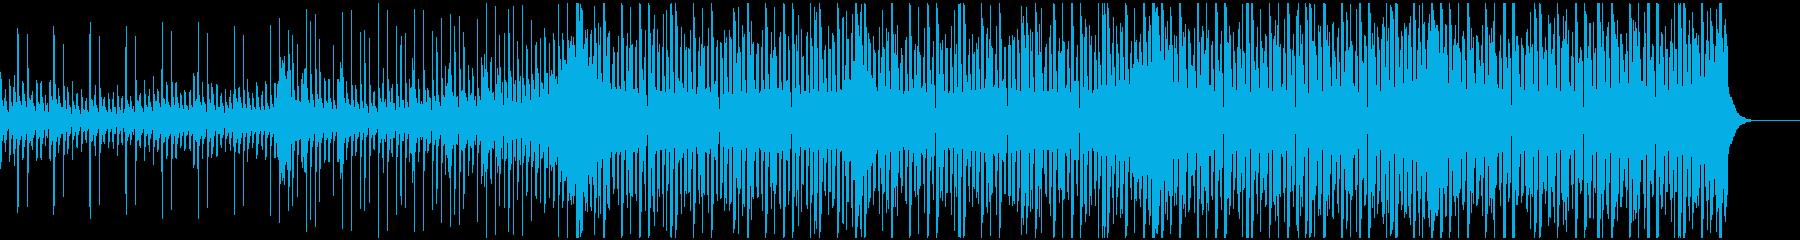 エレクトリックでモダンなポップスBGMの再生済みの波形